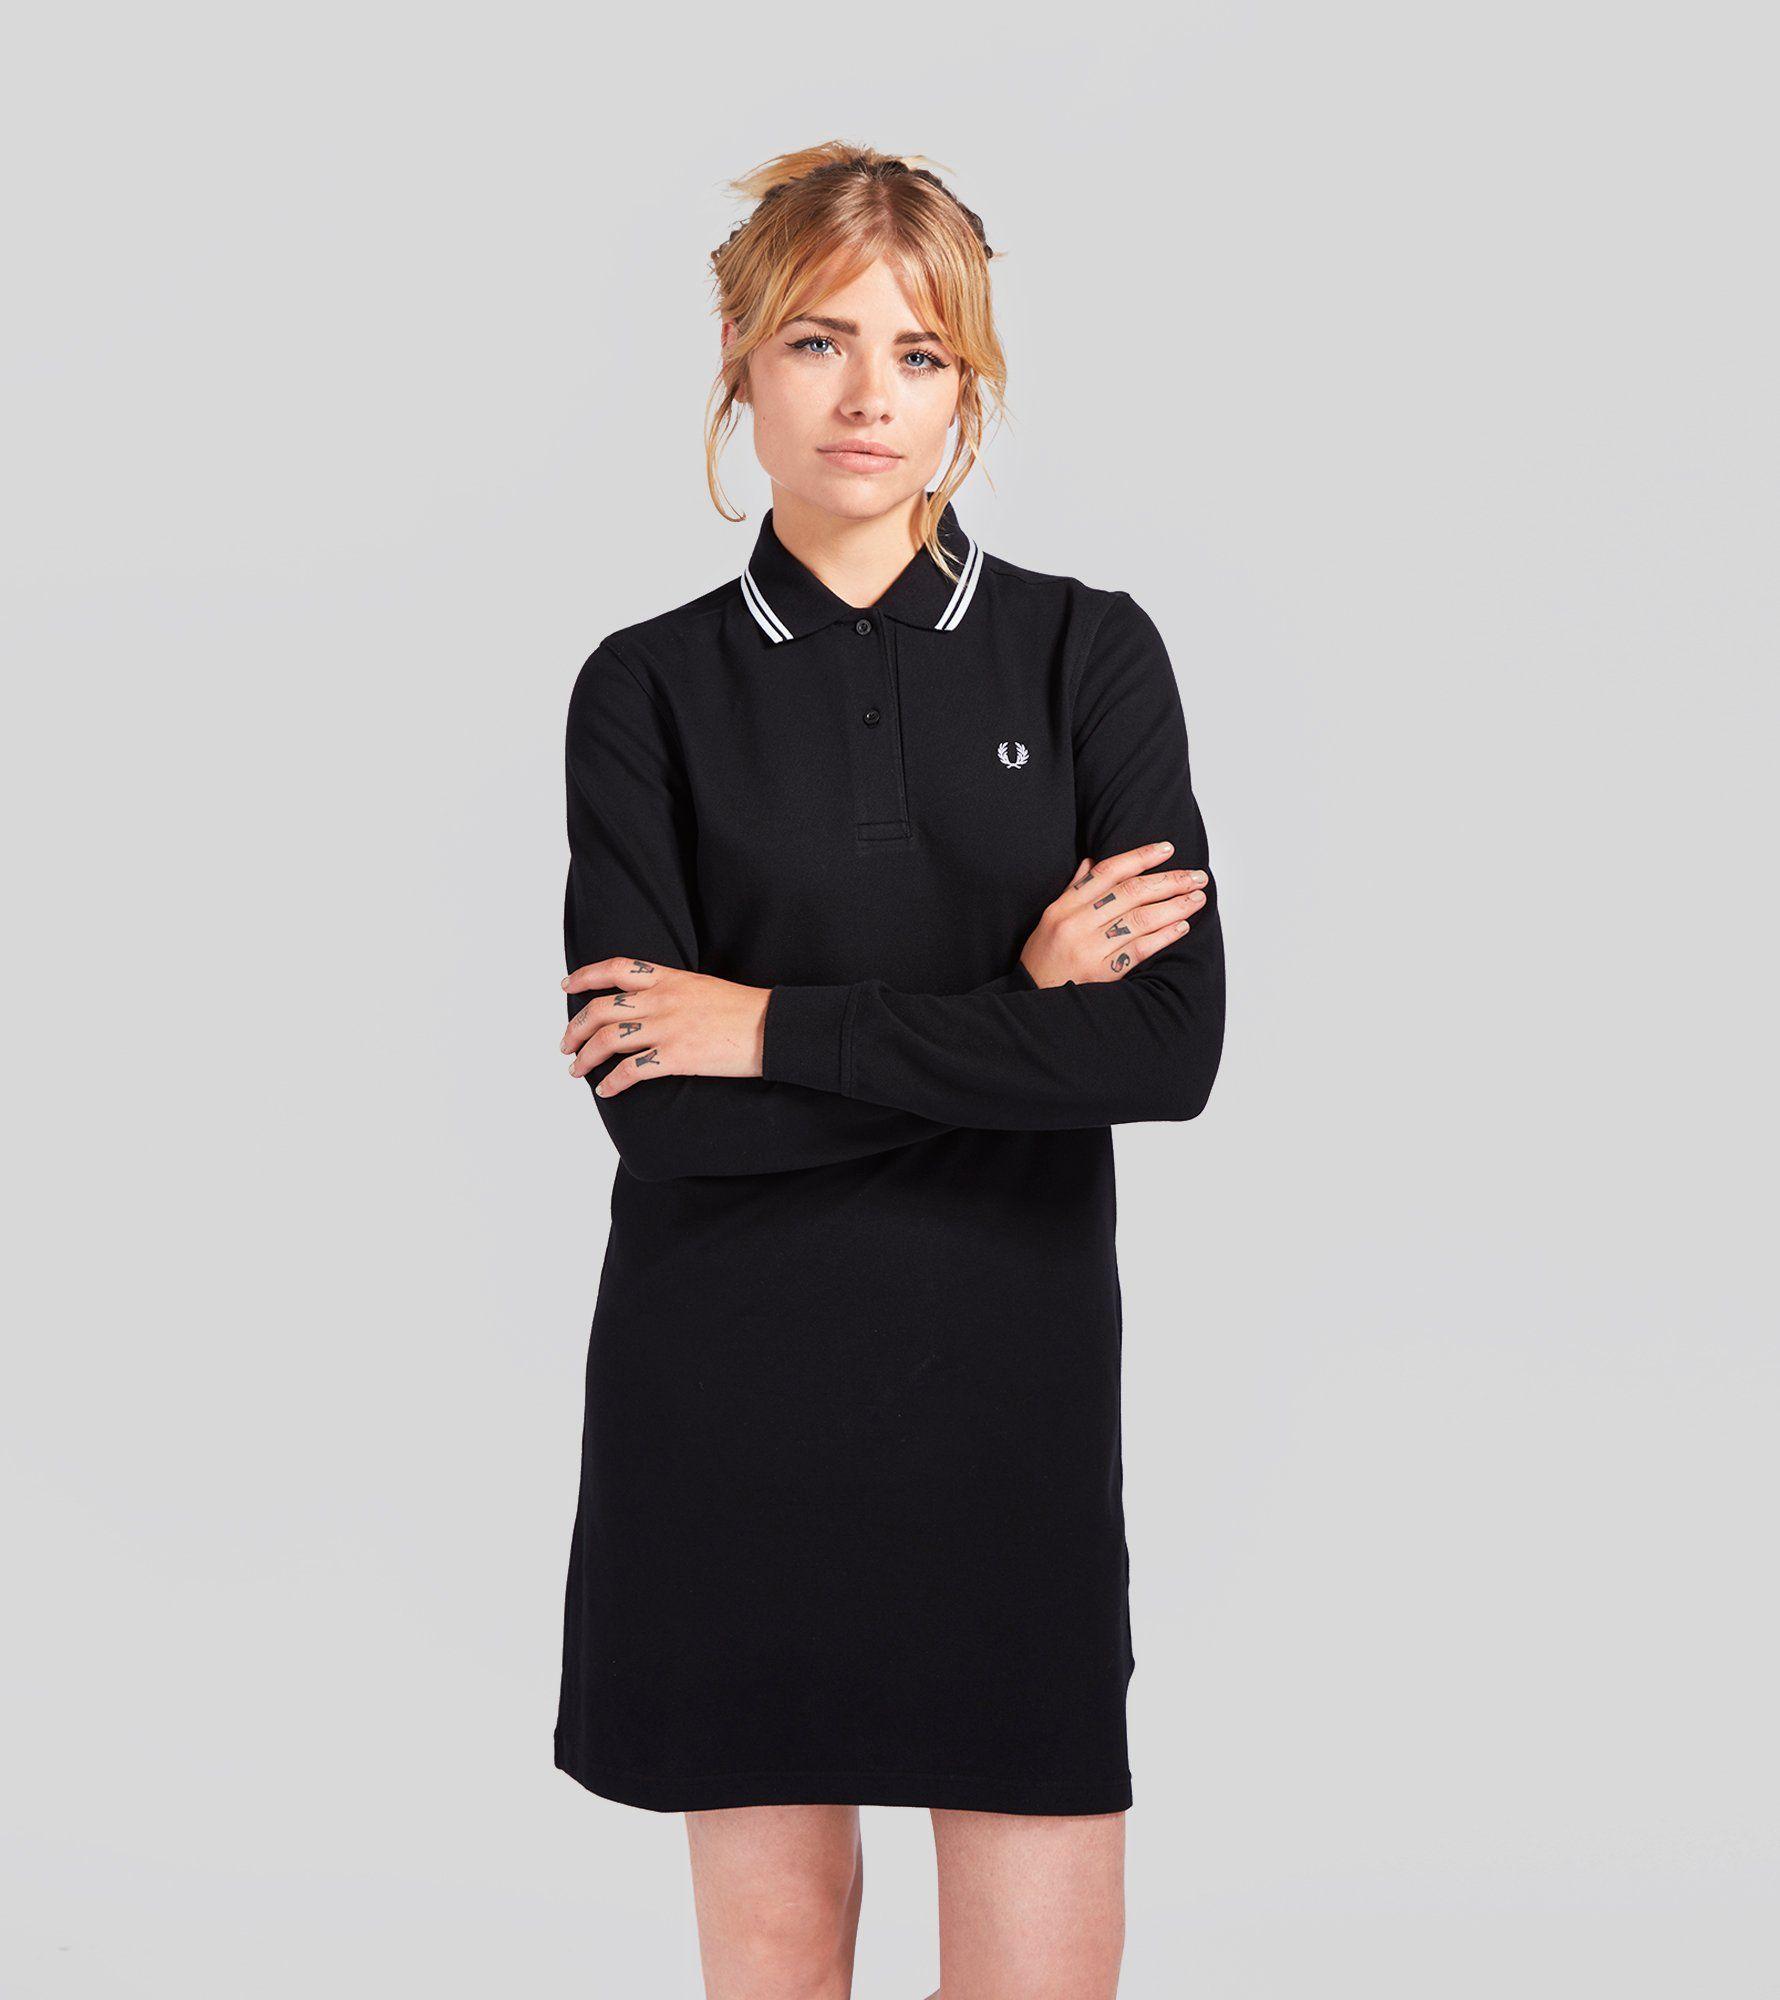 c5363694a8e2 Womens Long Sleeved Black Dress - raveitsafe